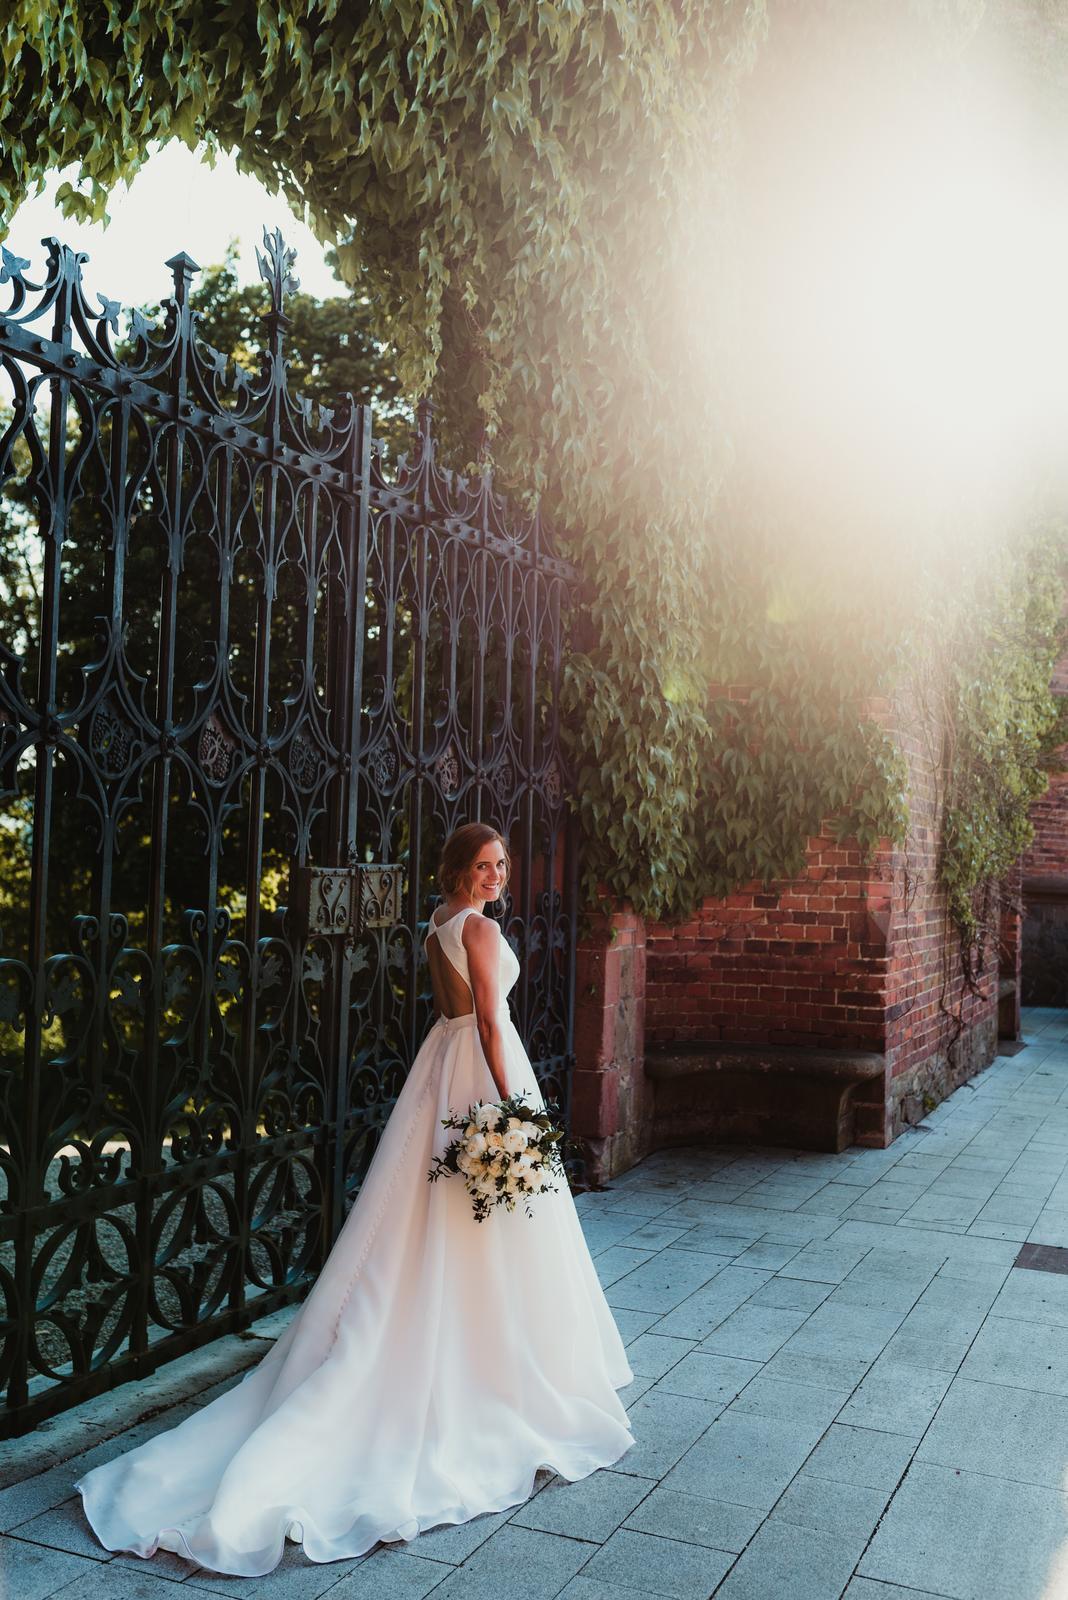 Hladké svatební šaty vel 36 - Obrázek č. 3